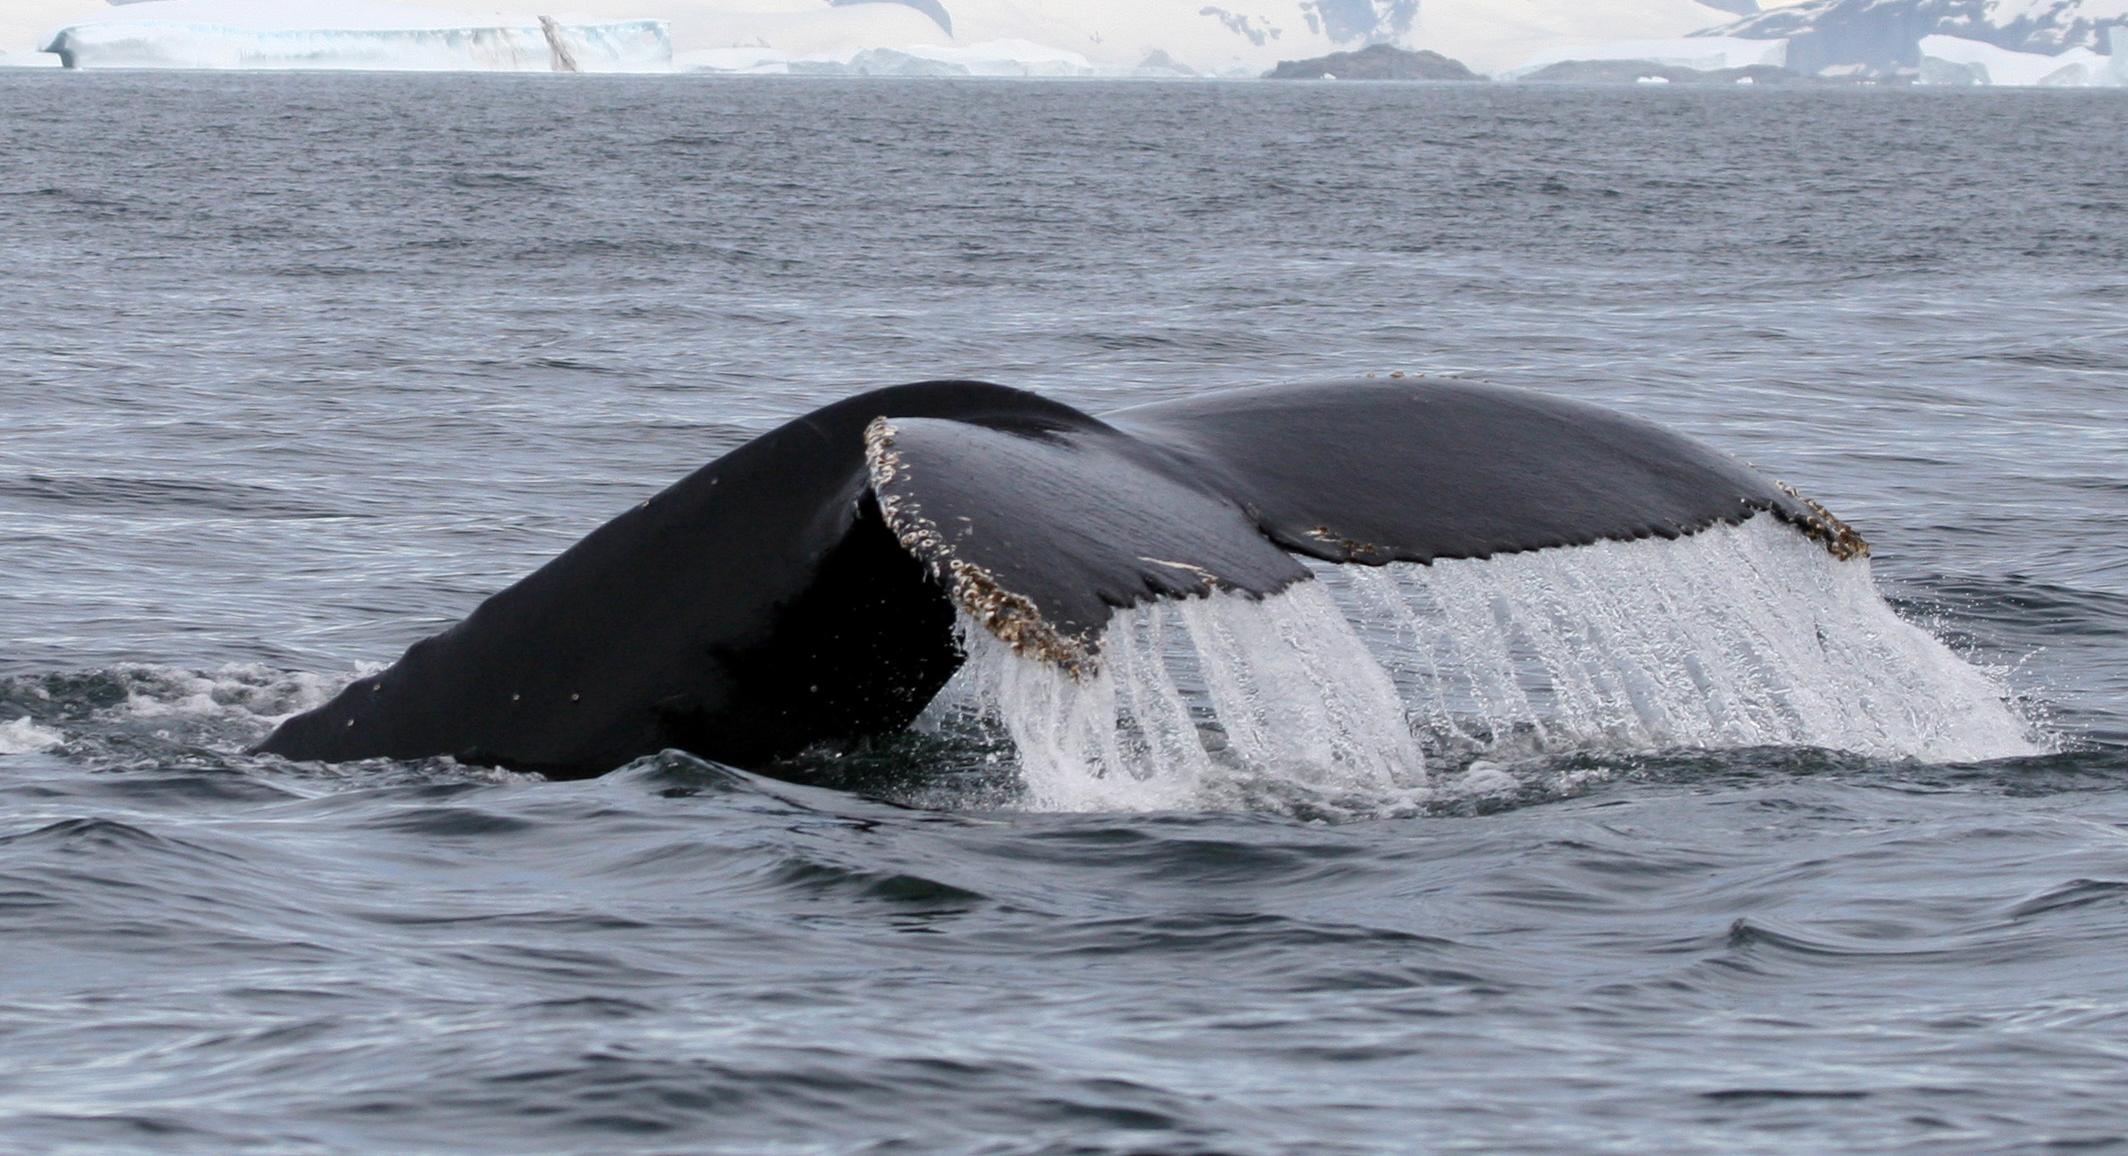 スナイフェルスネス半島ブレイザフィヨルズルにて目撃されたアイスランドの鯨